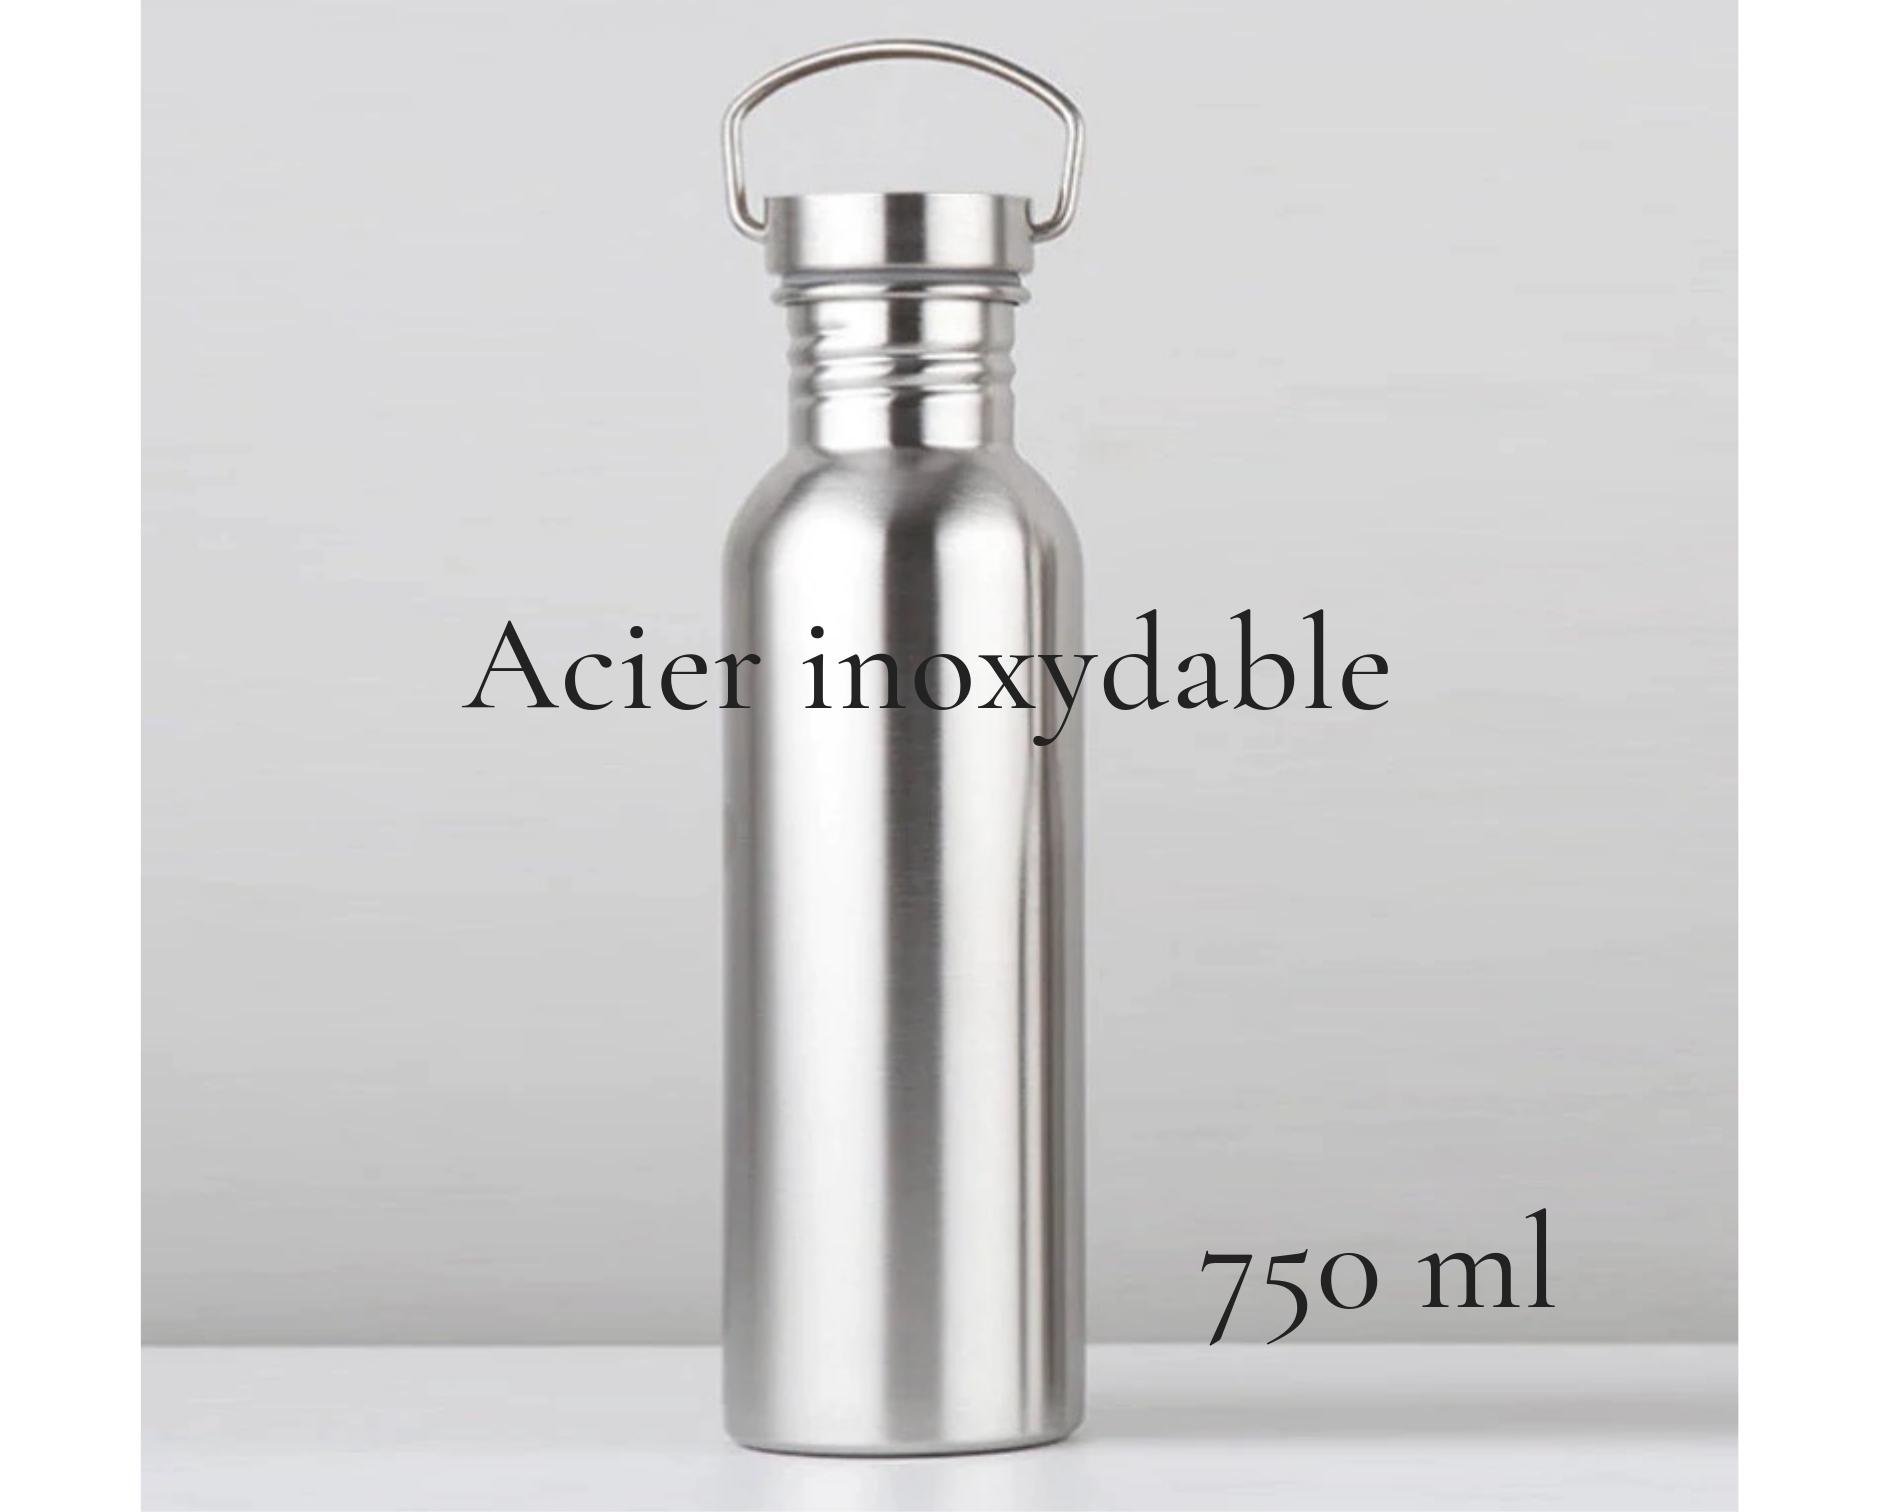 La bouteille en acier inoxydable 750 ml